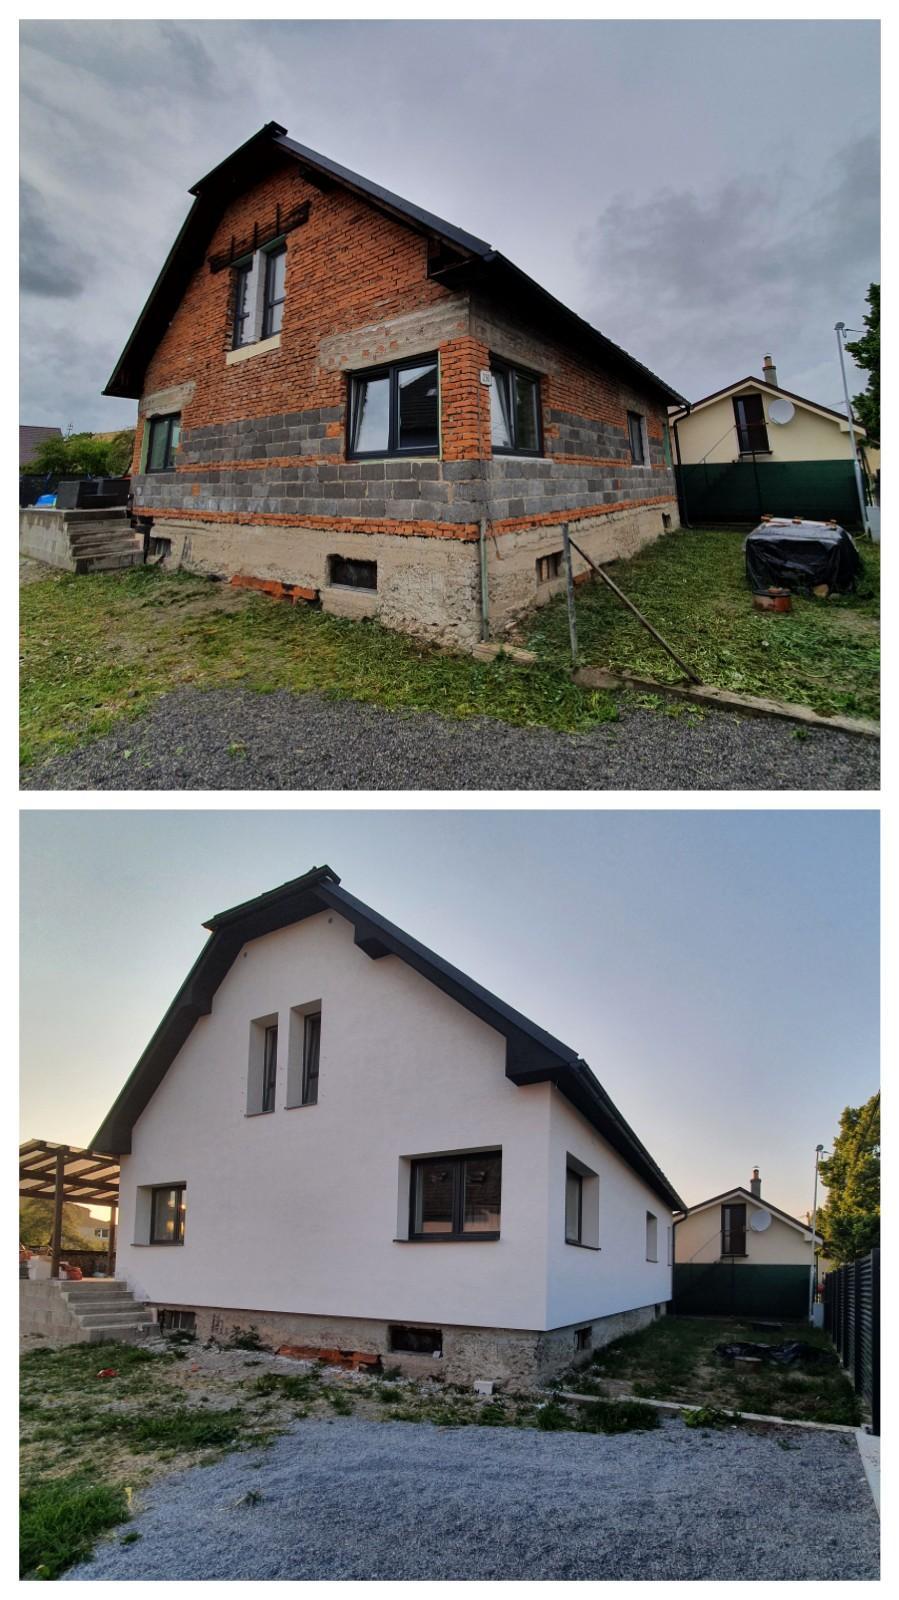 Rekonštrukcia domu-alebo chceme si splniť sen =》🏠🌻🌼🐶  mat domcek a vratit sa na Slovensko - Obrázok č. 770